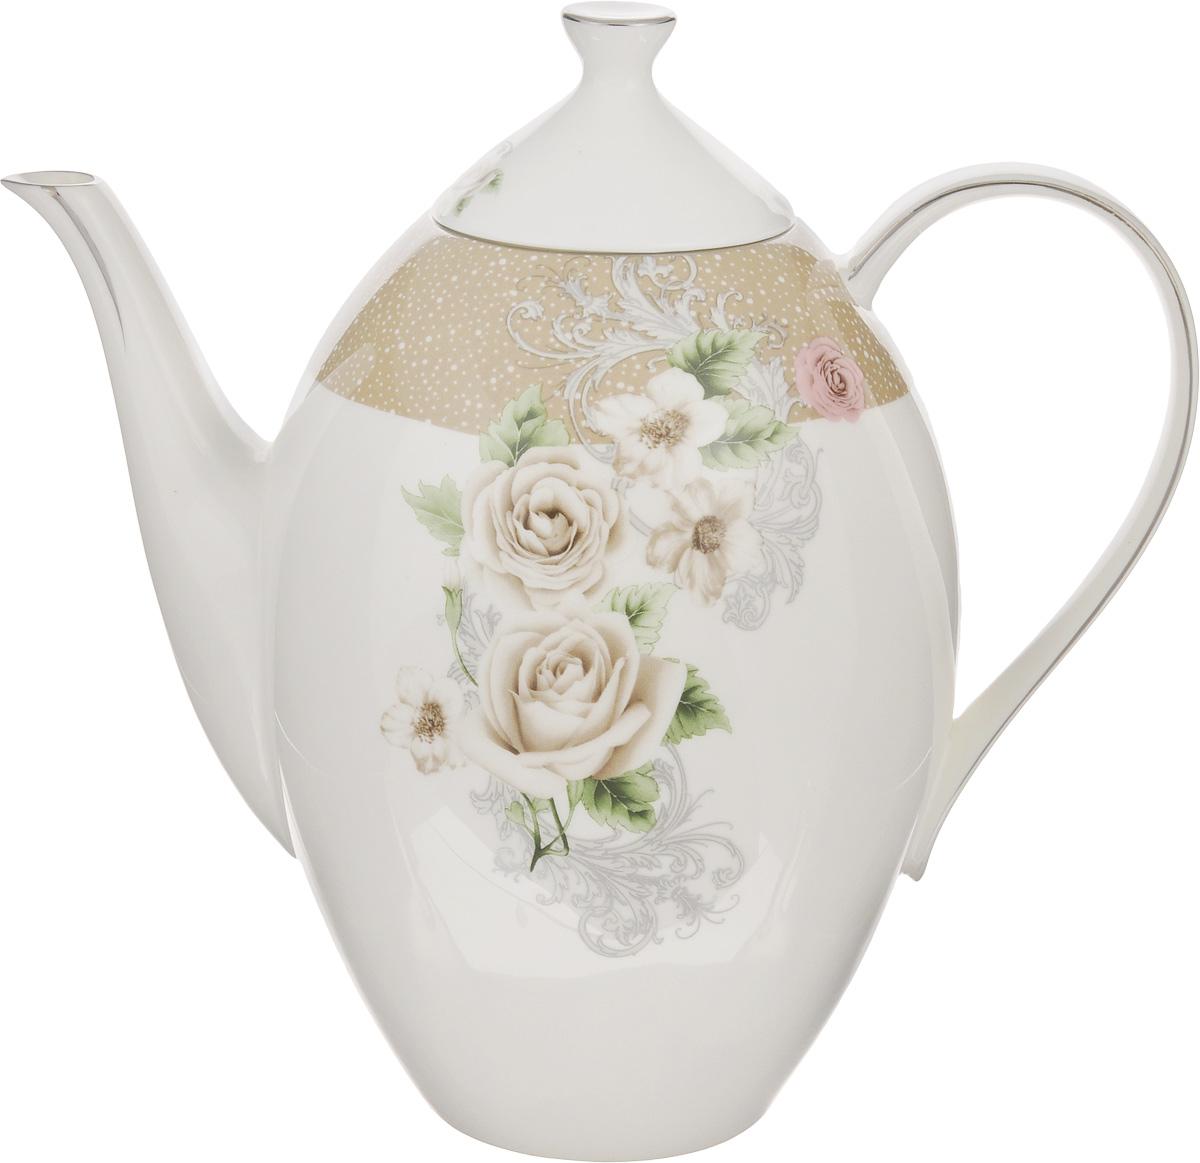 Чайник заварочный Family & Friends Florance, 1,3 л68/5/4Заварочный чайник Family & Friends Florance изготовлен из фарфора и оформлен оригинальным цветочным узором. Такой чайник прекраснодополнит сервировку стола к чаепитию и станет его неизменным атрибутом.Объем: 1,3 л. Диаметр (по верхнему краю): 6 см. Высота стенки (без учета крышки): 17 см.